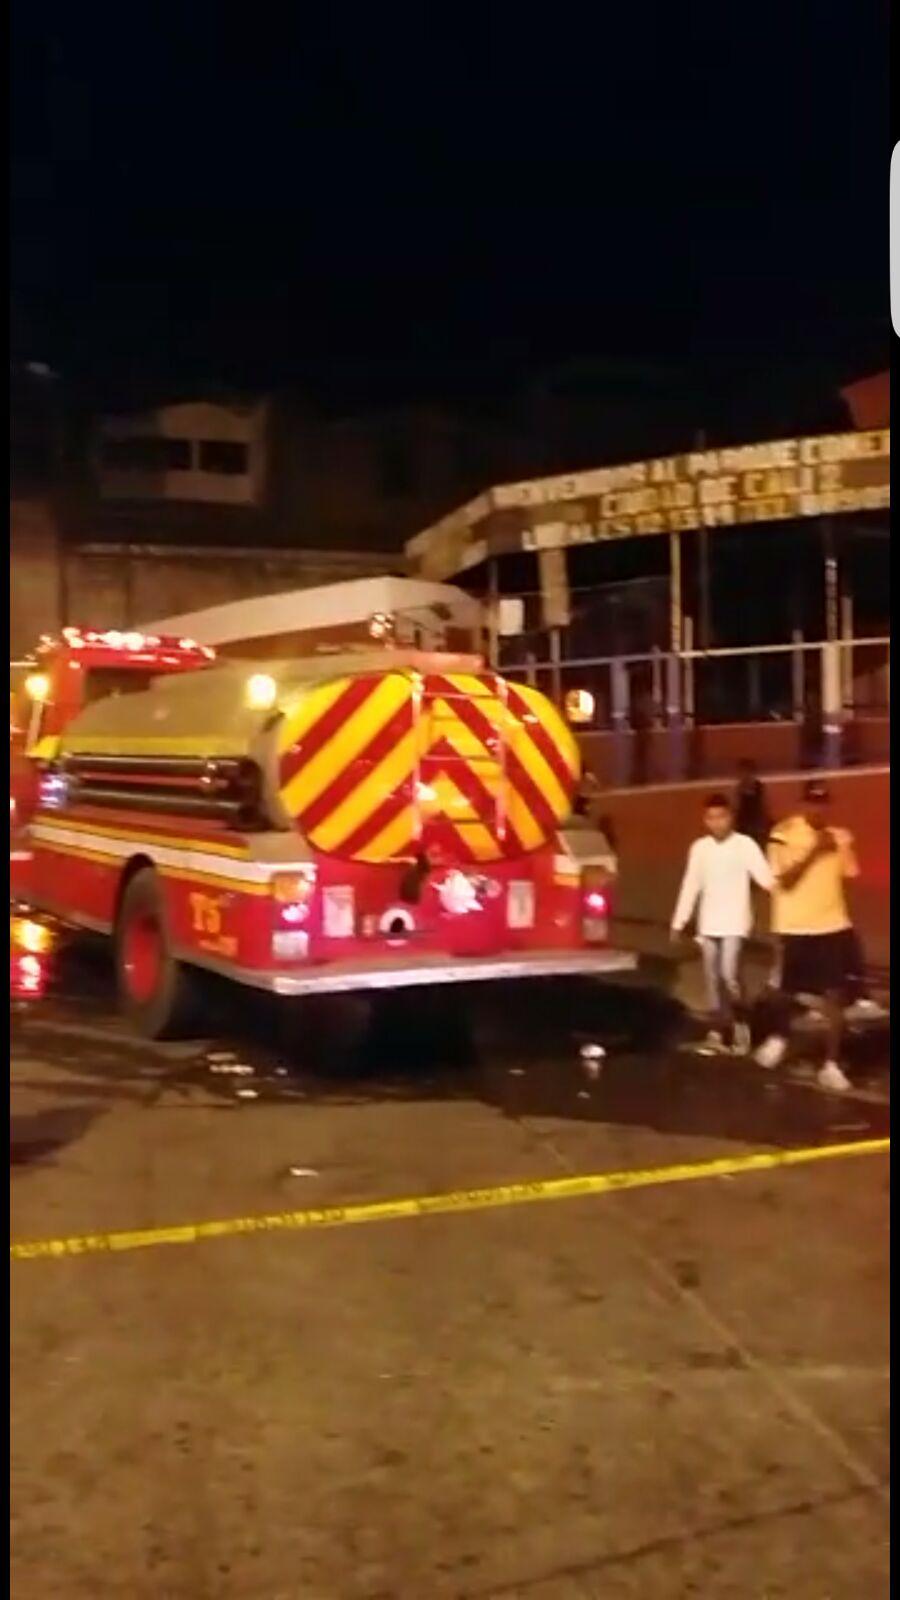 Incendio arrasa con tres locales en centro comercial en Cali